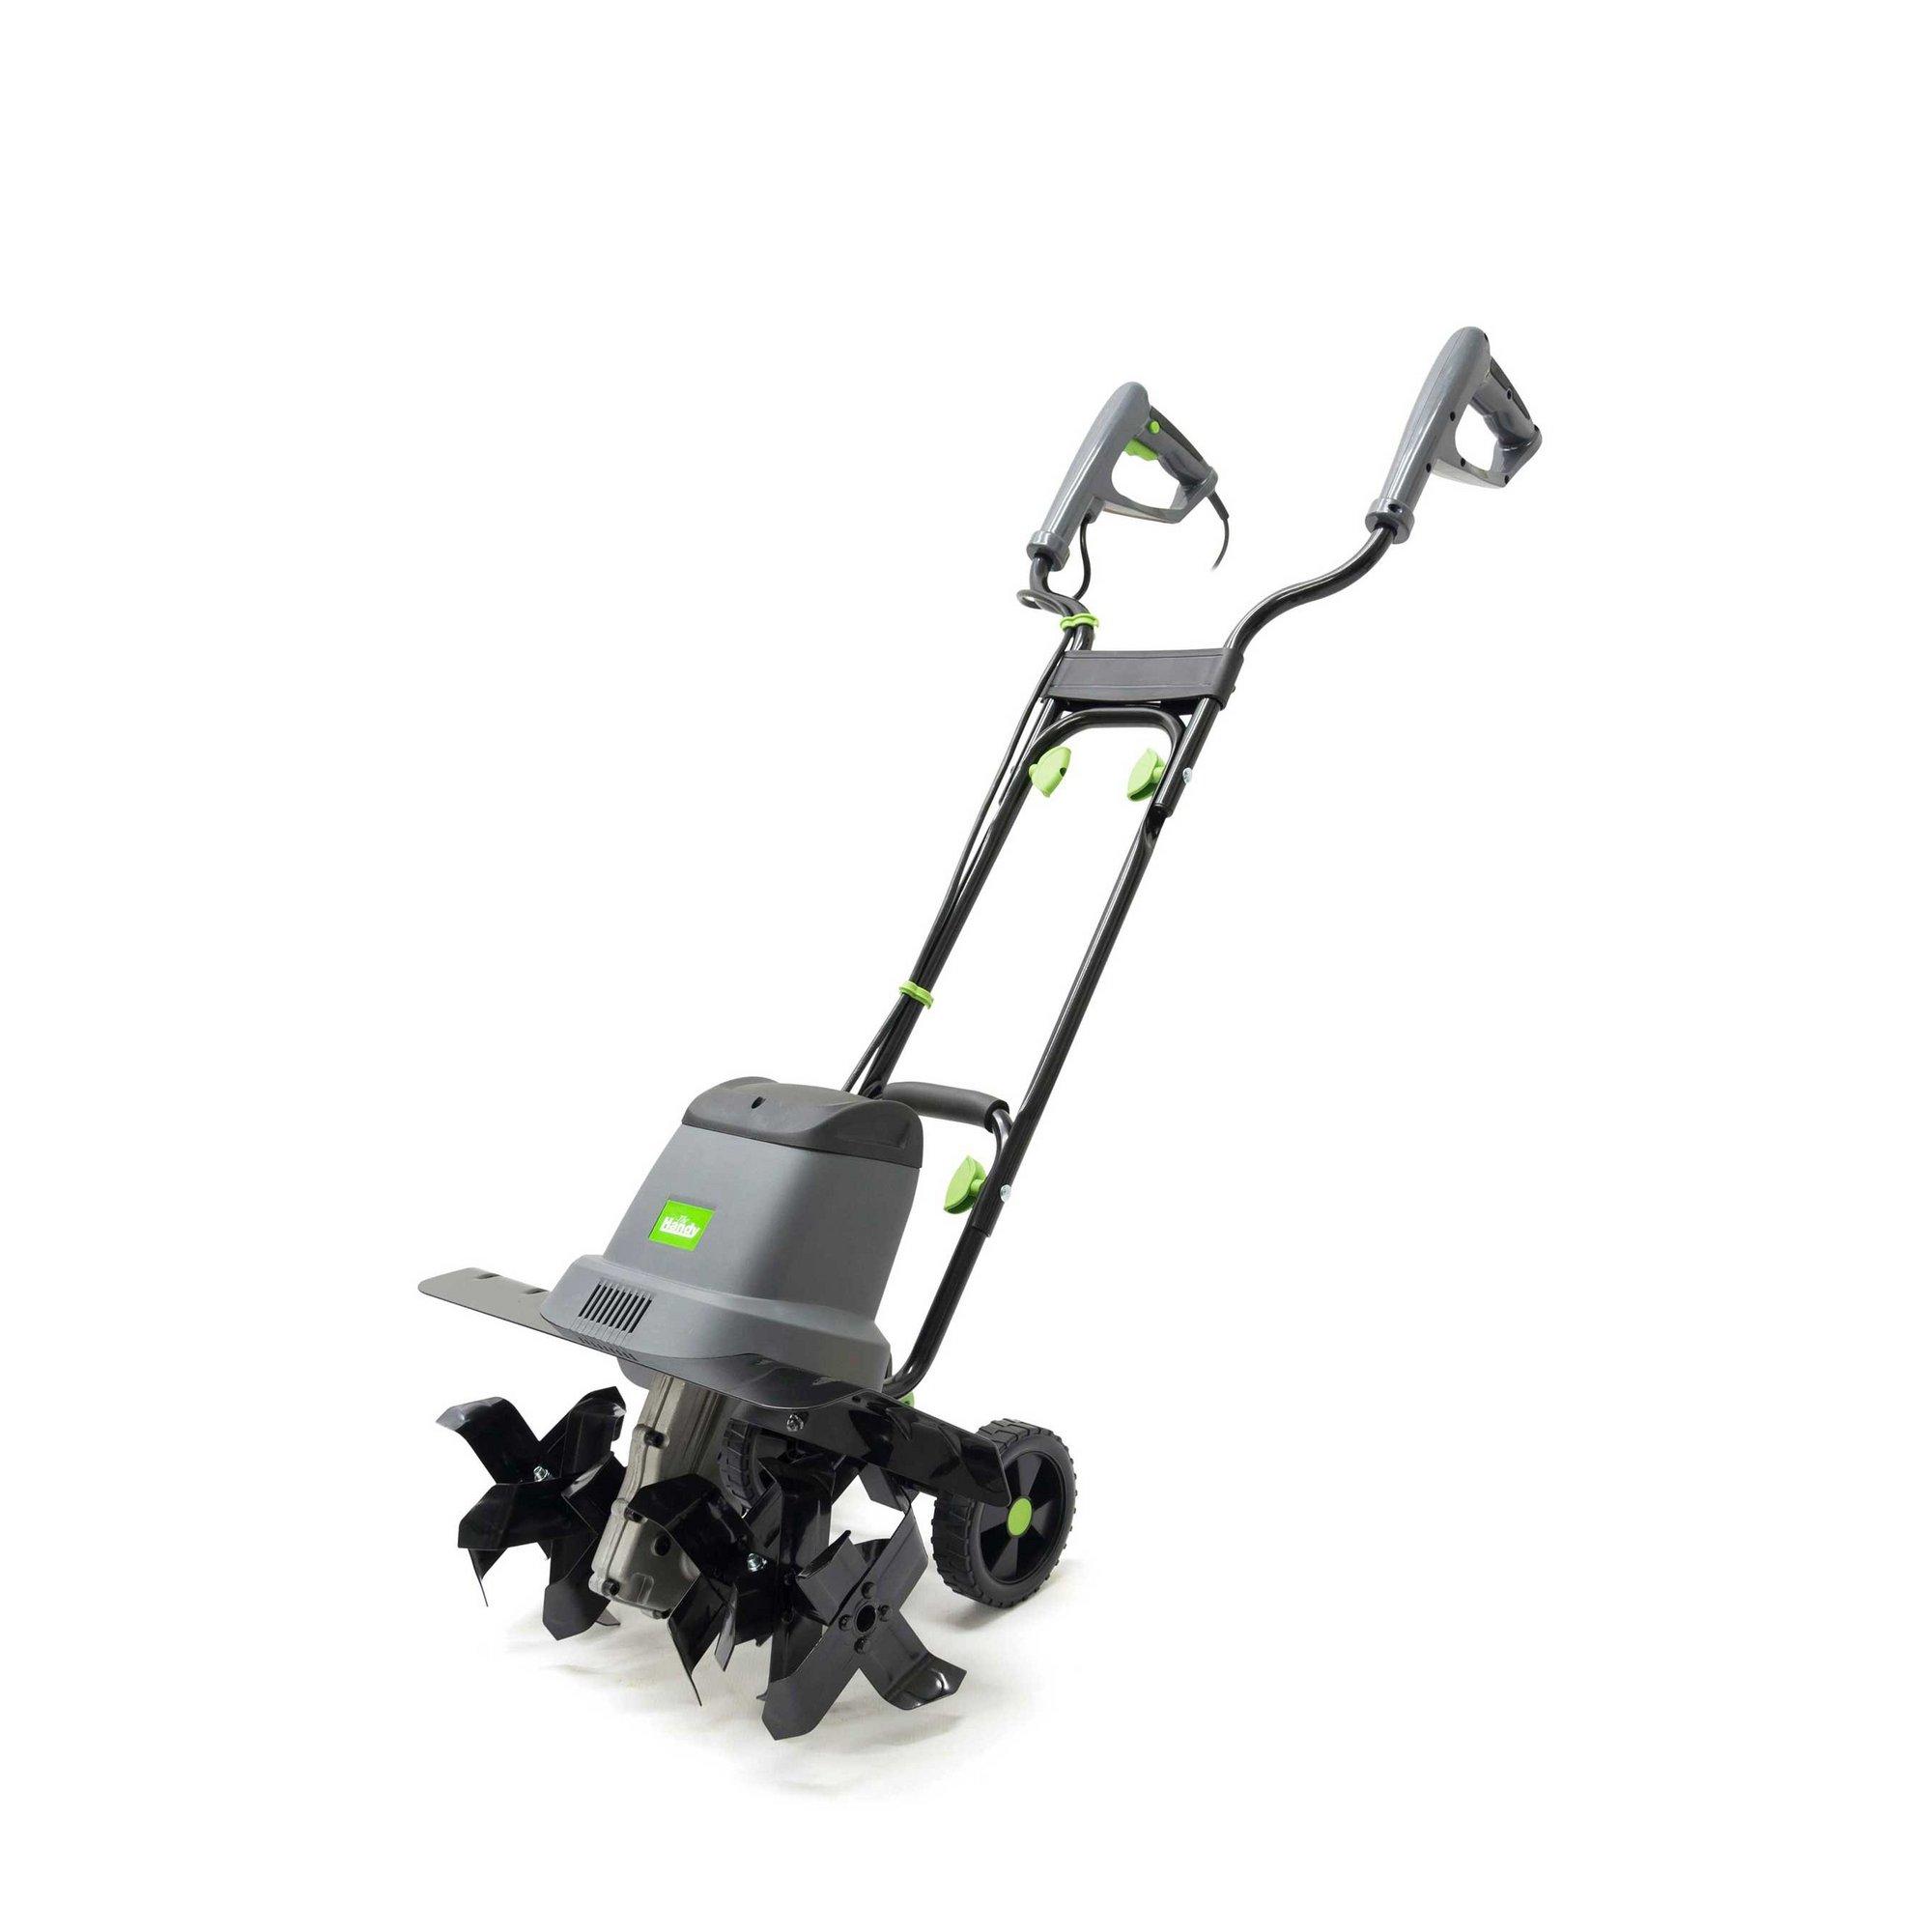 Image of 43cm 1400W Electric Tiller